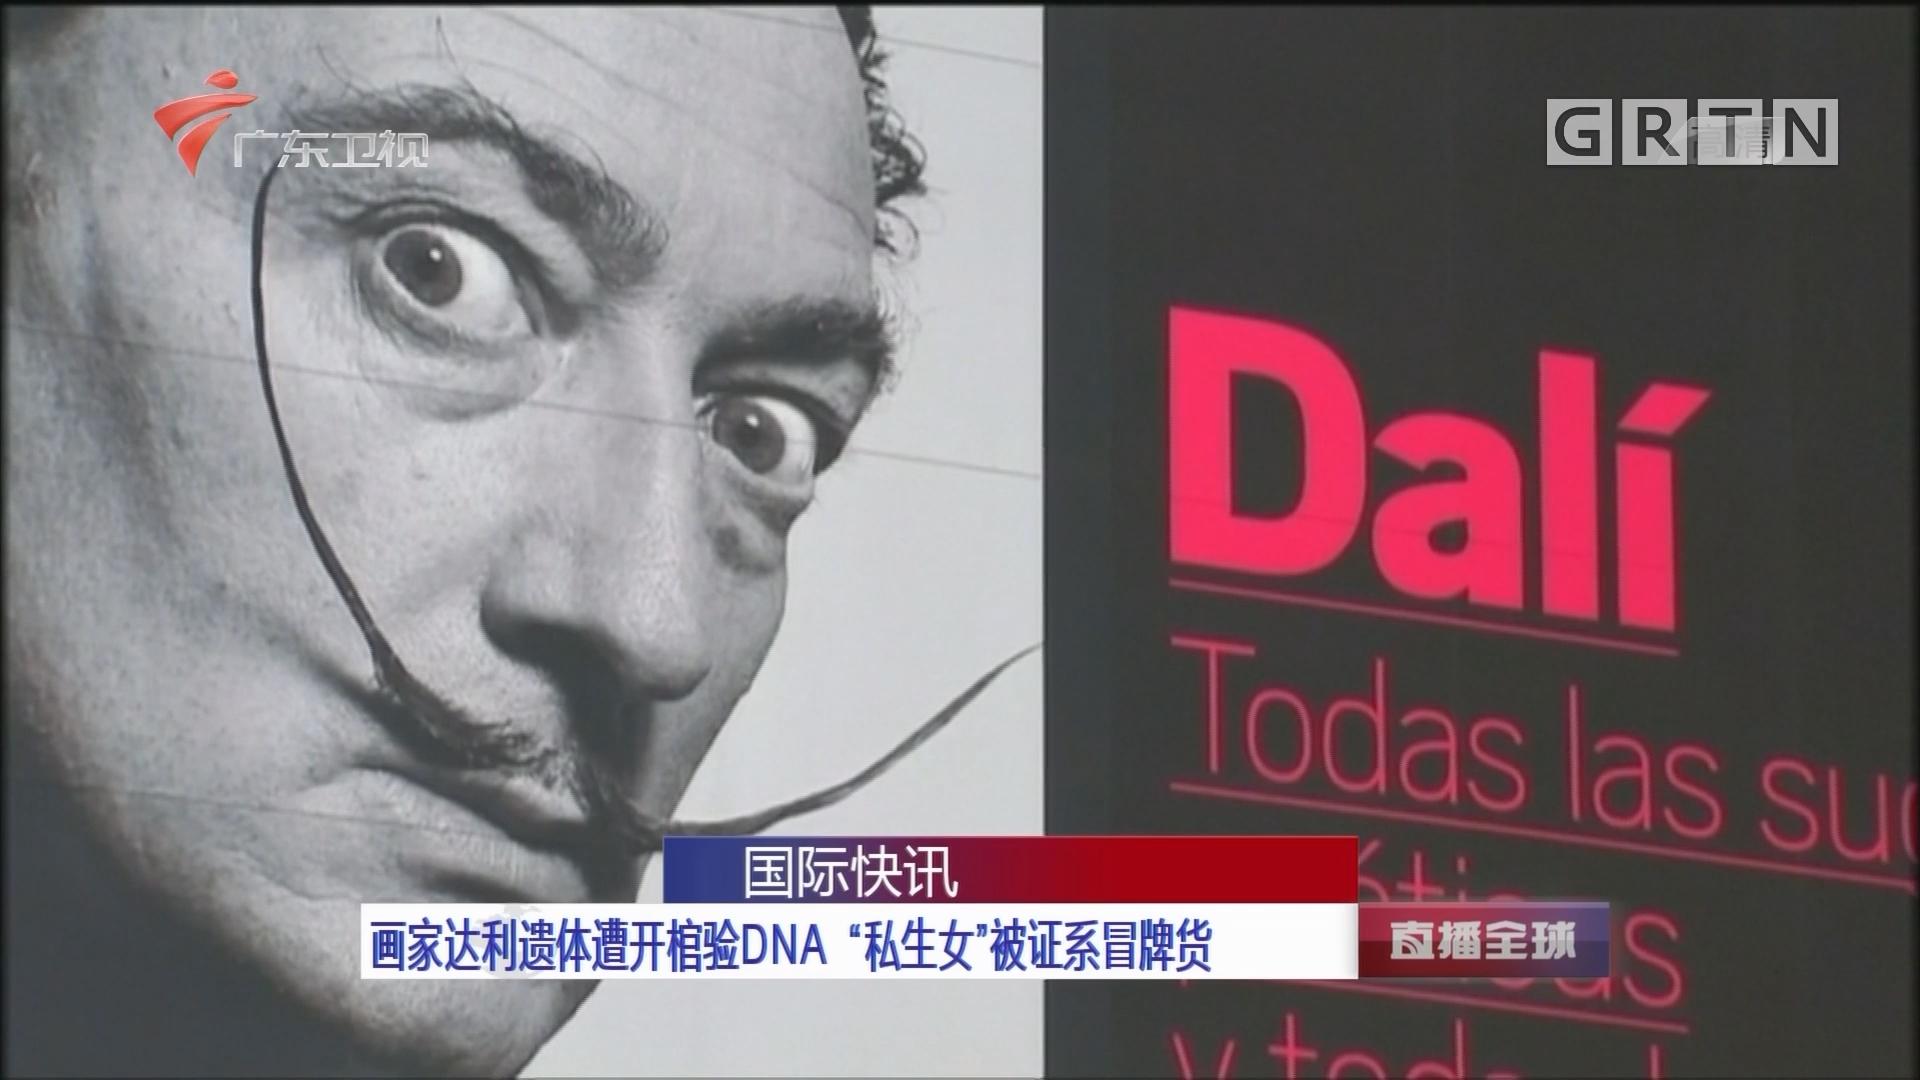 """国际快讯:画家达利遗体遭开棺验DNA""""私生女""""被证系冒牌货"""